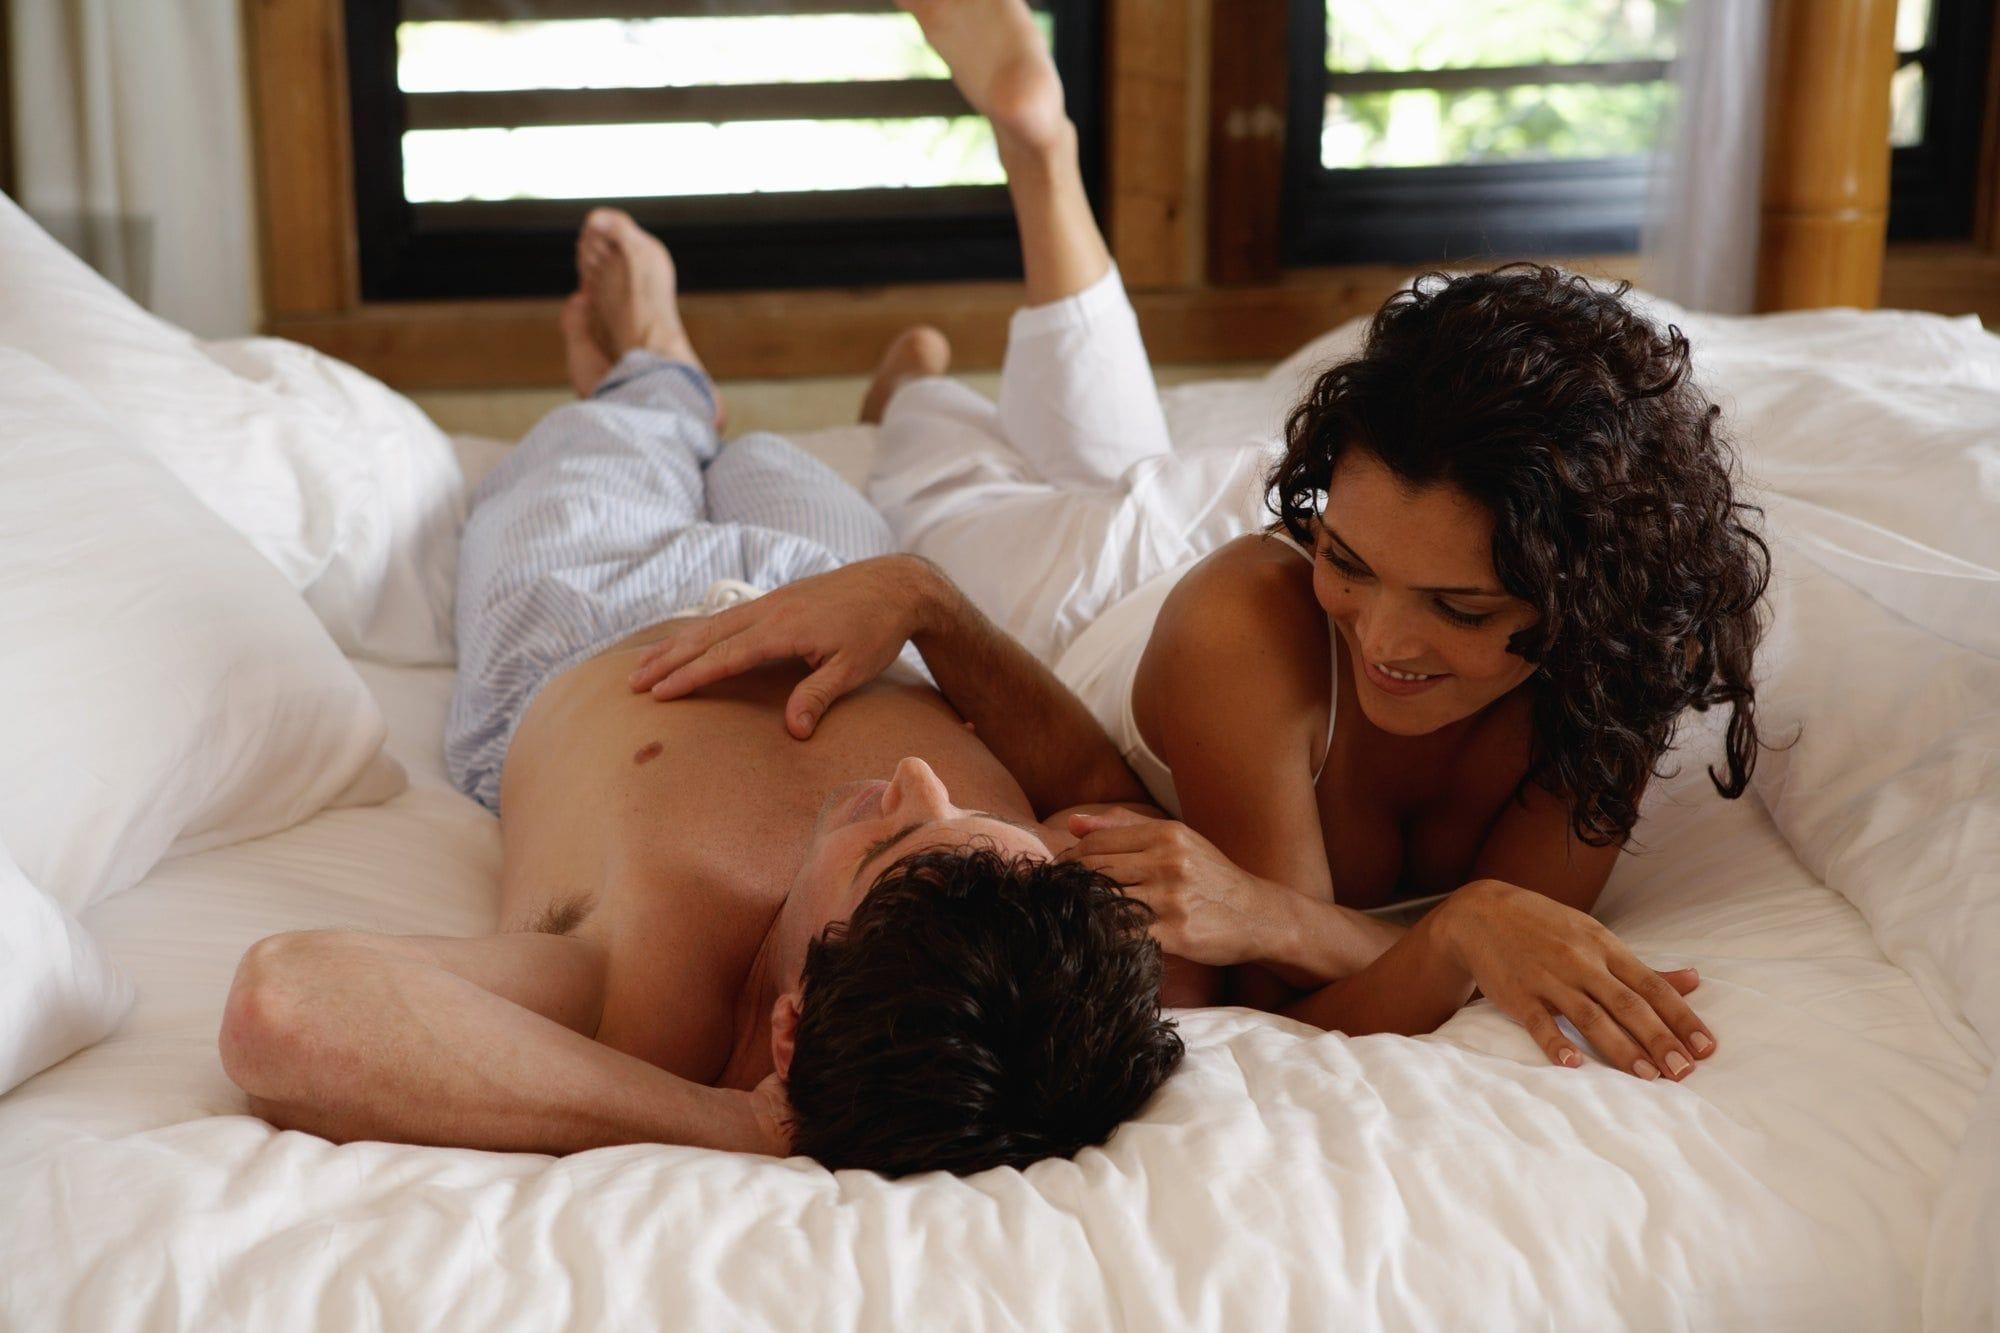 Sleeping Less Can Affect A Man's Sperm